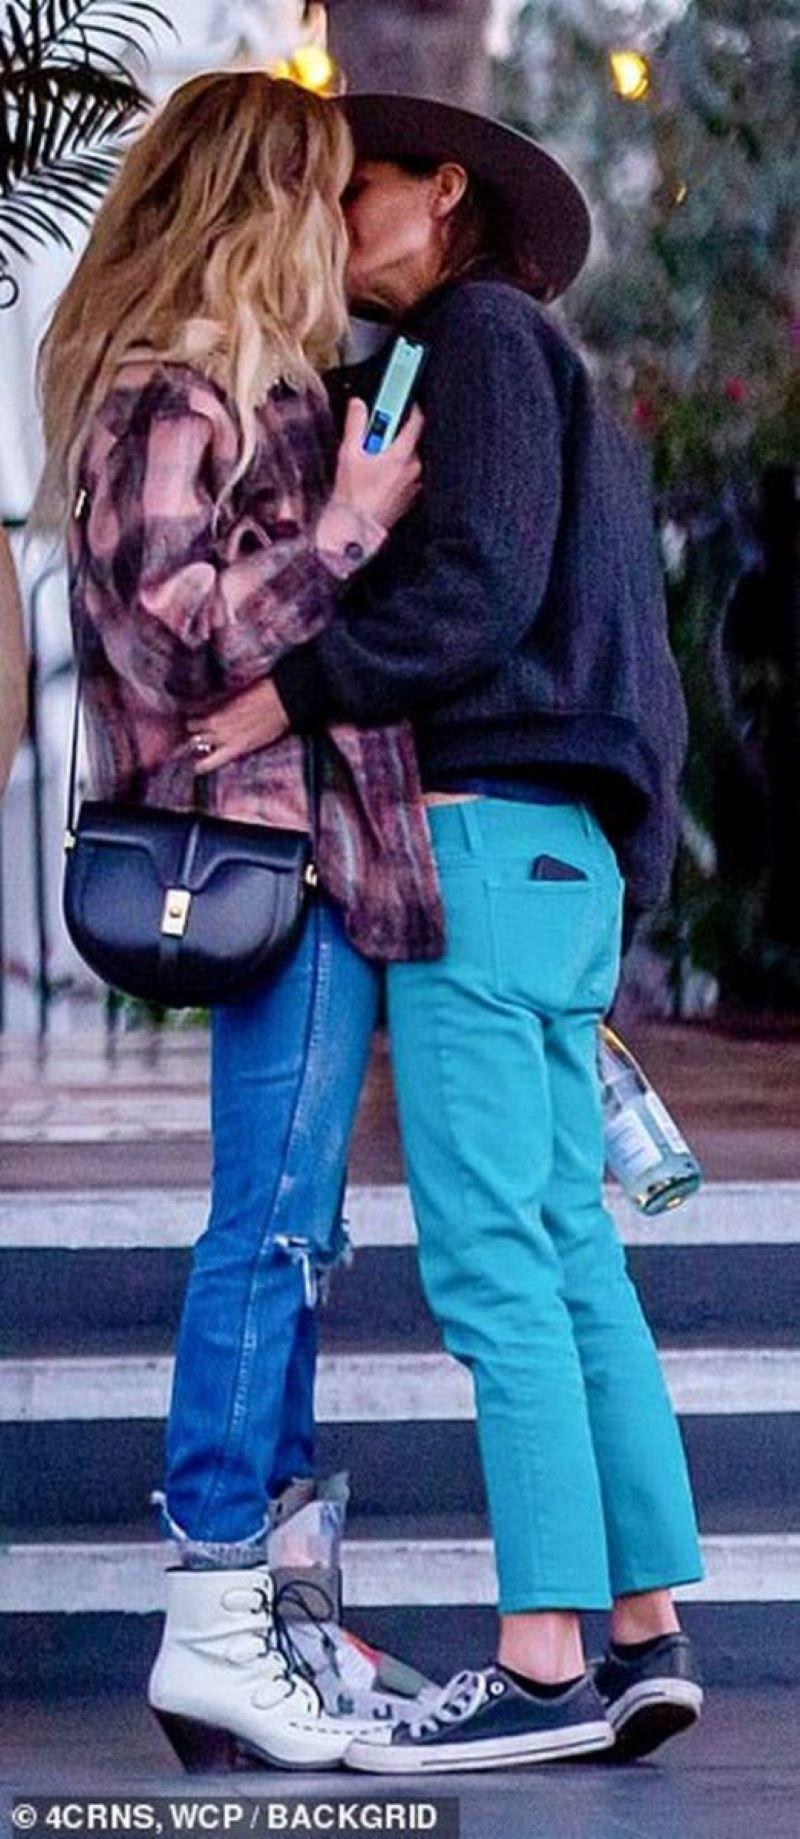 Бывшую жену Джонни Деппа застукали за поцелуями с женщиной - фото 1